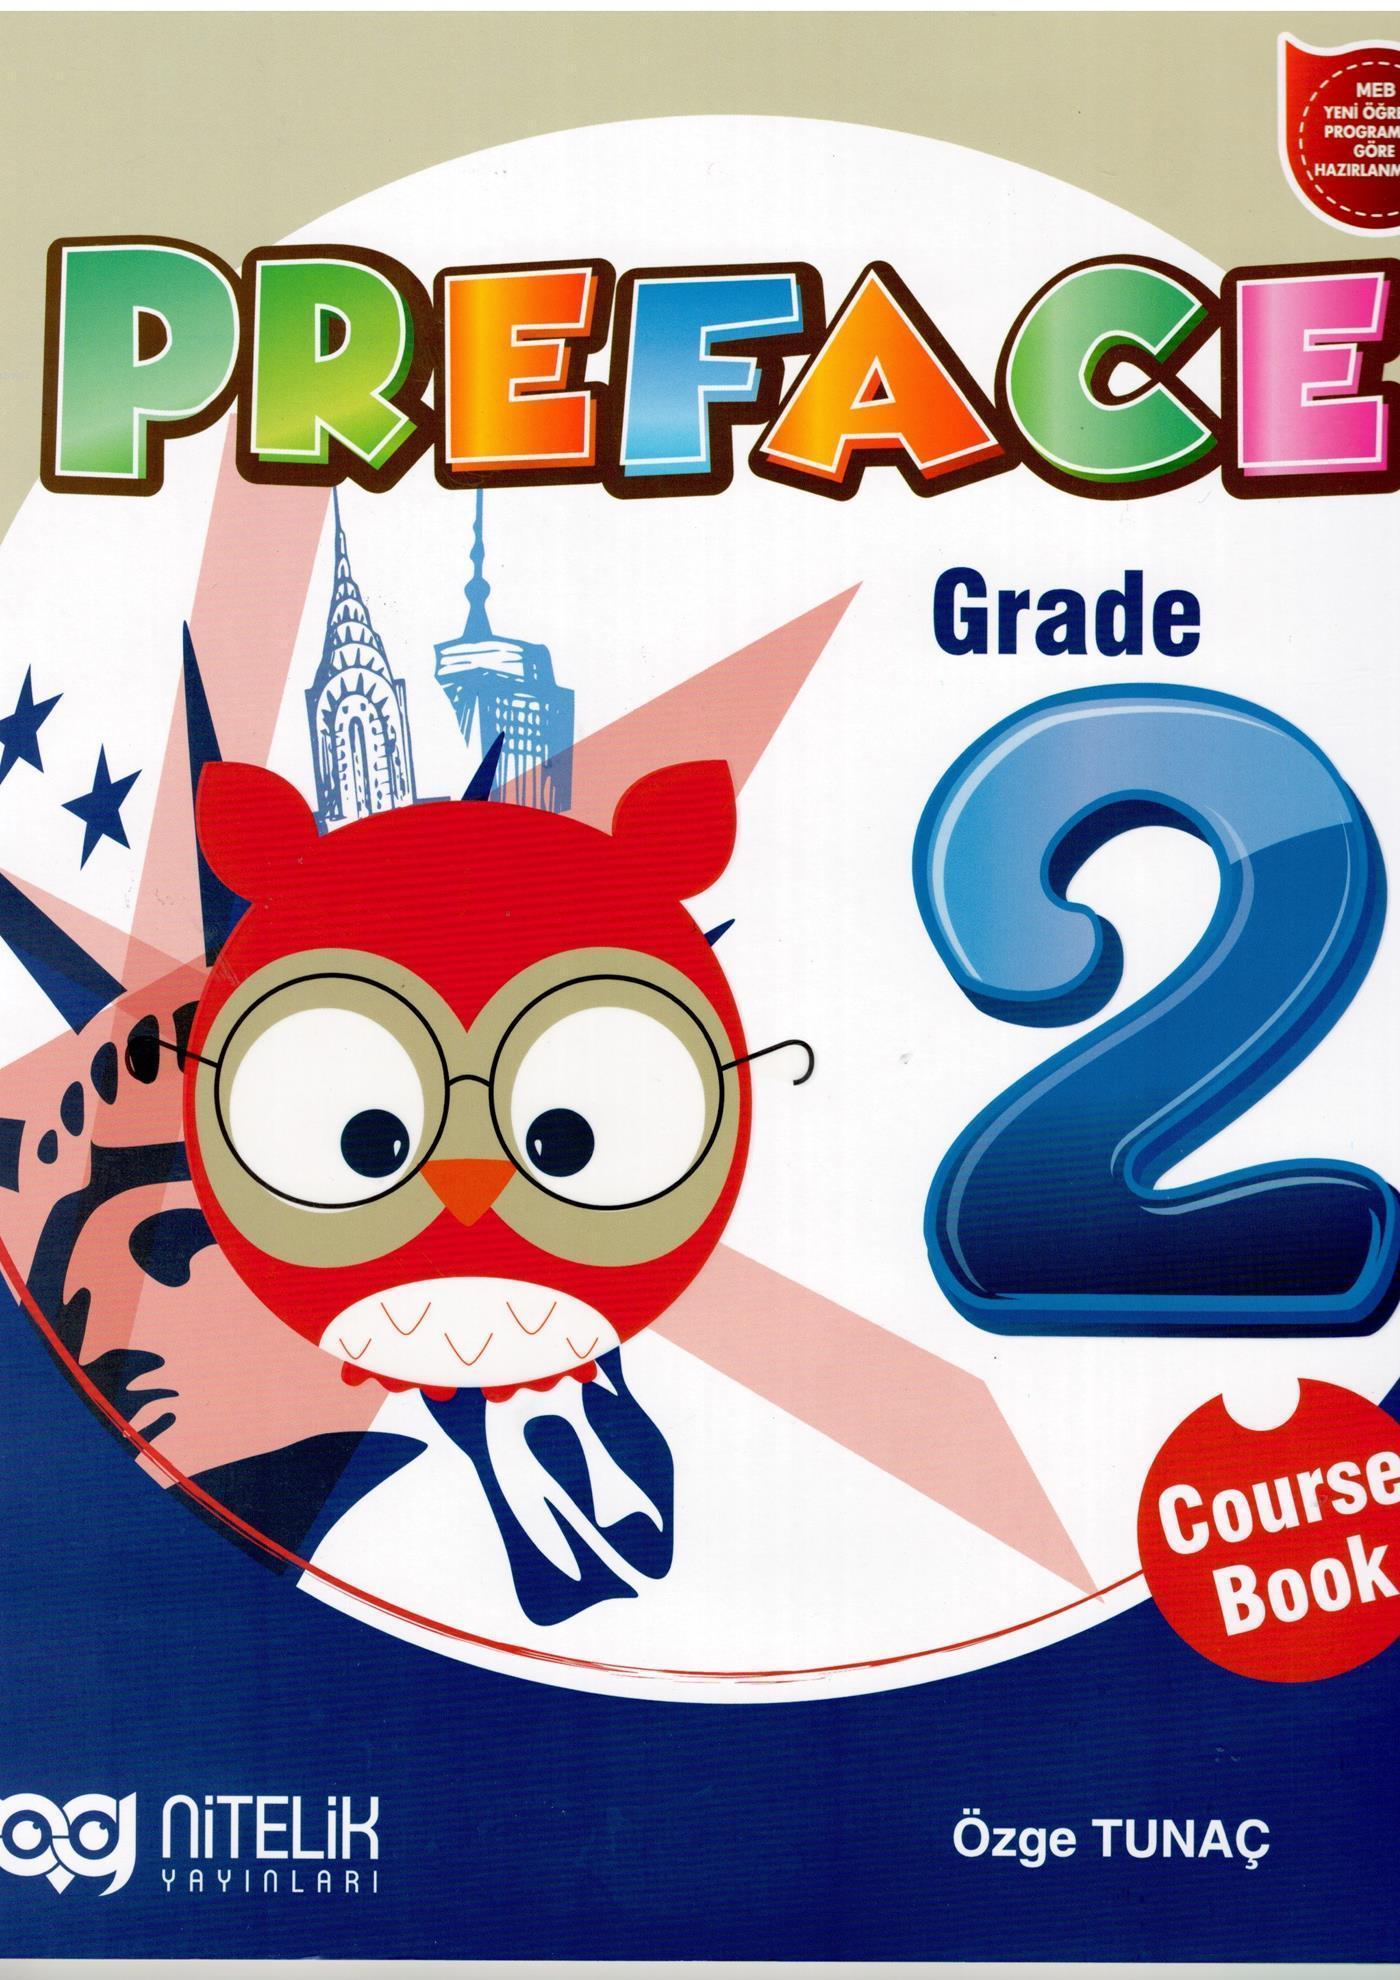 Nitelik Yayınları 2. Sınıf İngilizce Preface Course Book Nitelik